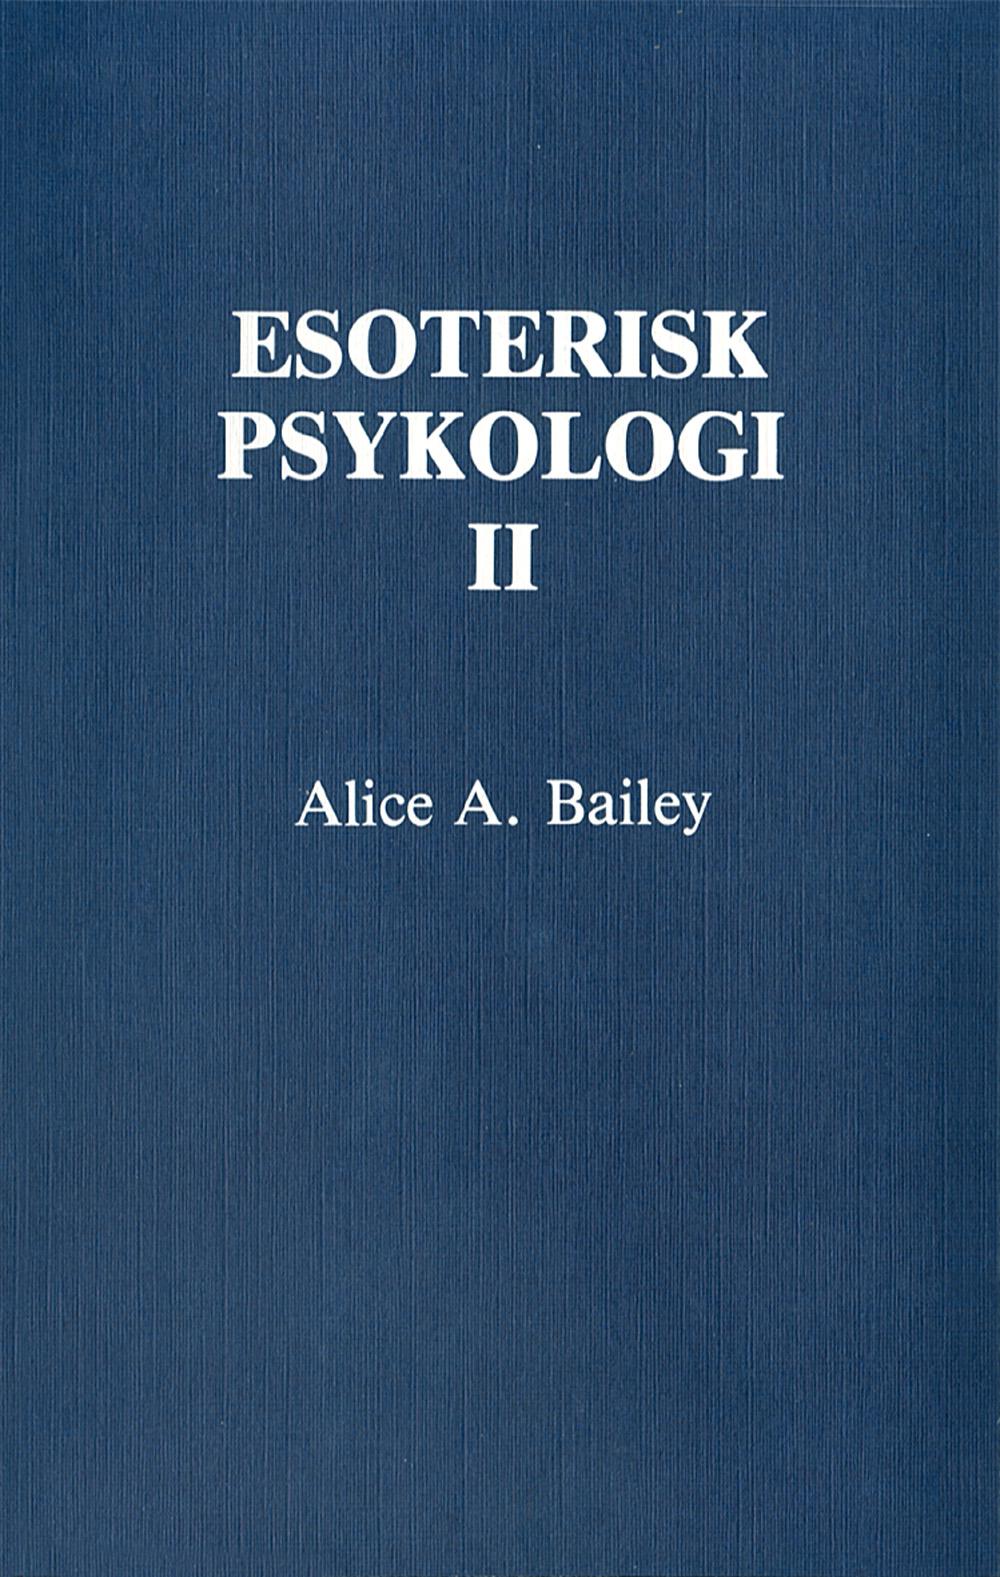 Esoterisk psykologi. 2 av Alice A Bailey